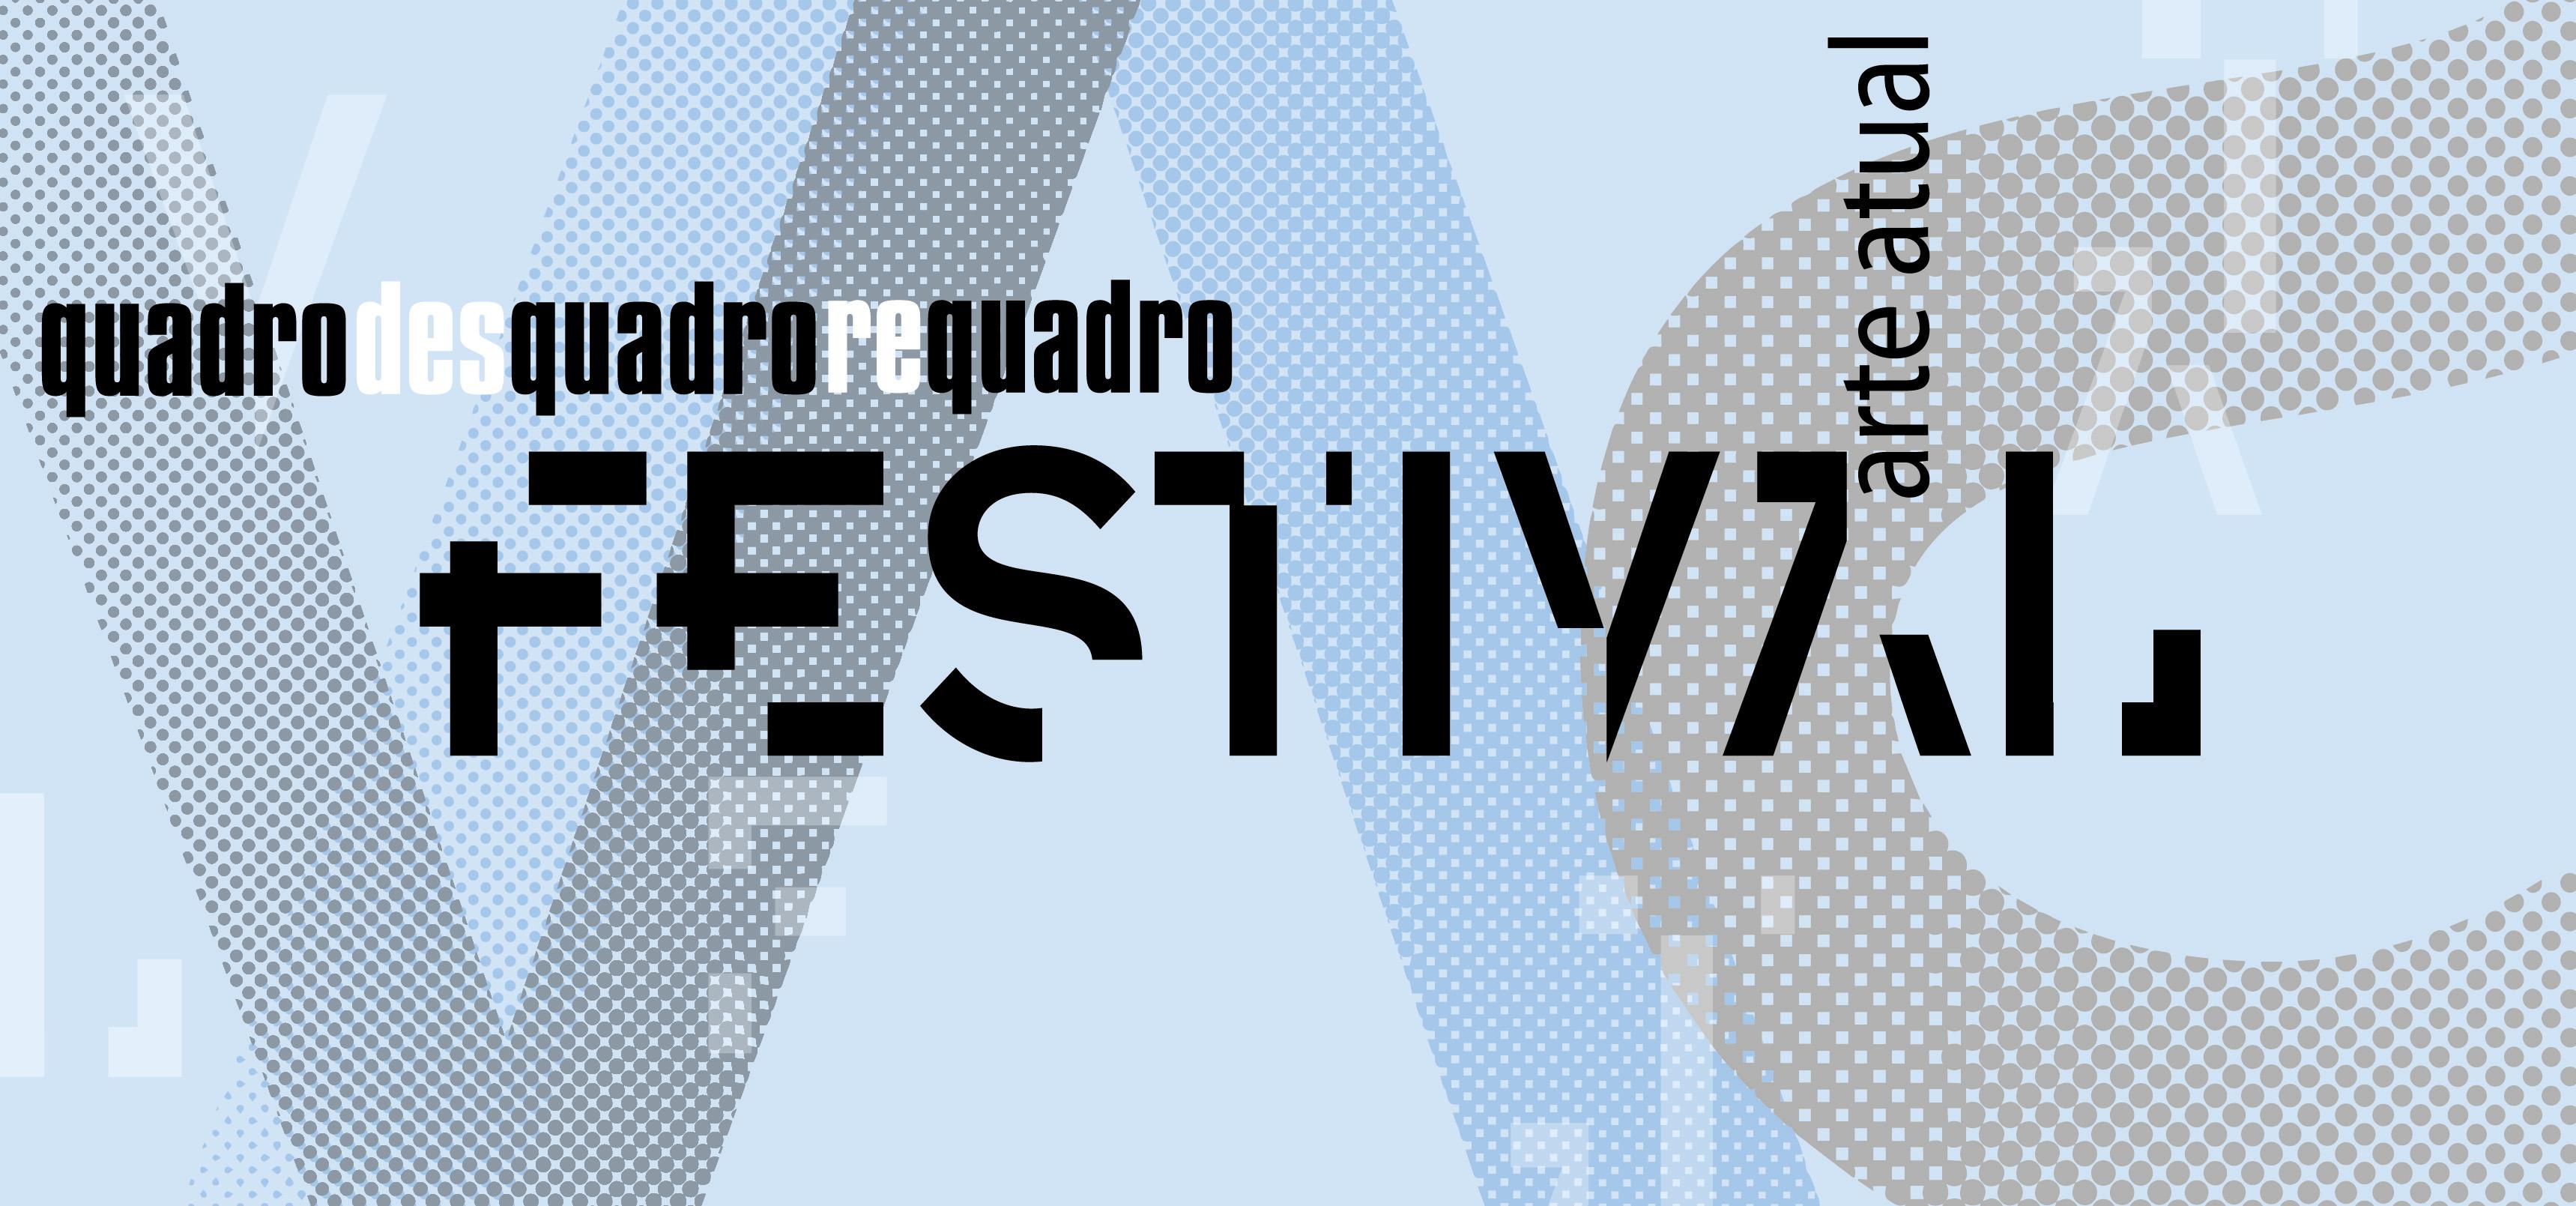 Arte Atual Festival - Quadro Desquadro Requadro